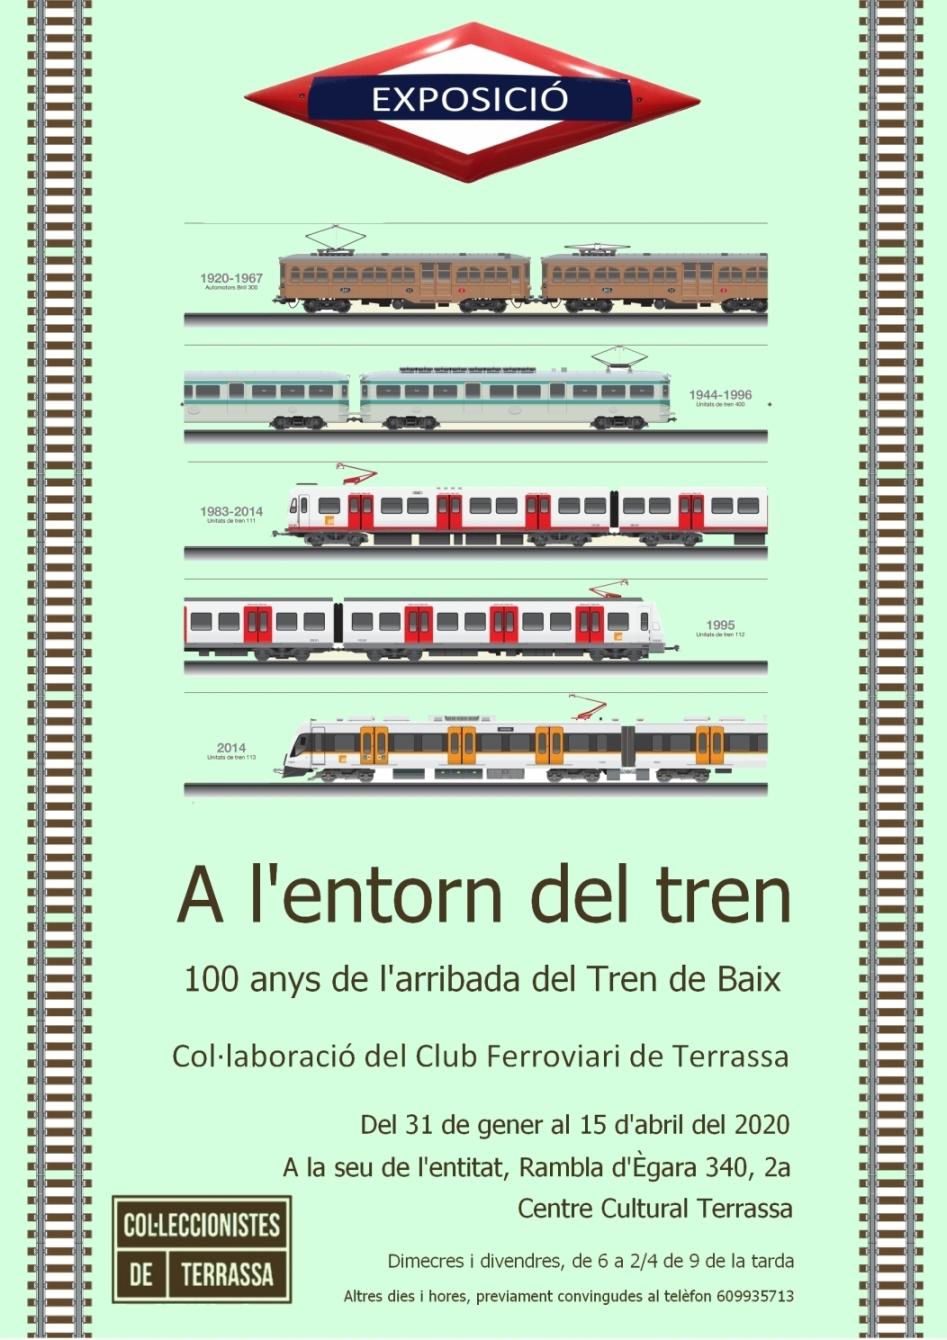 Exposició ferroviària - Cartell